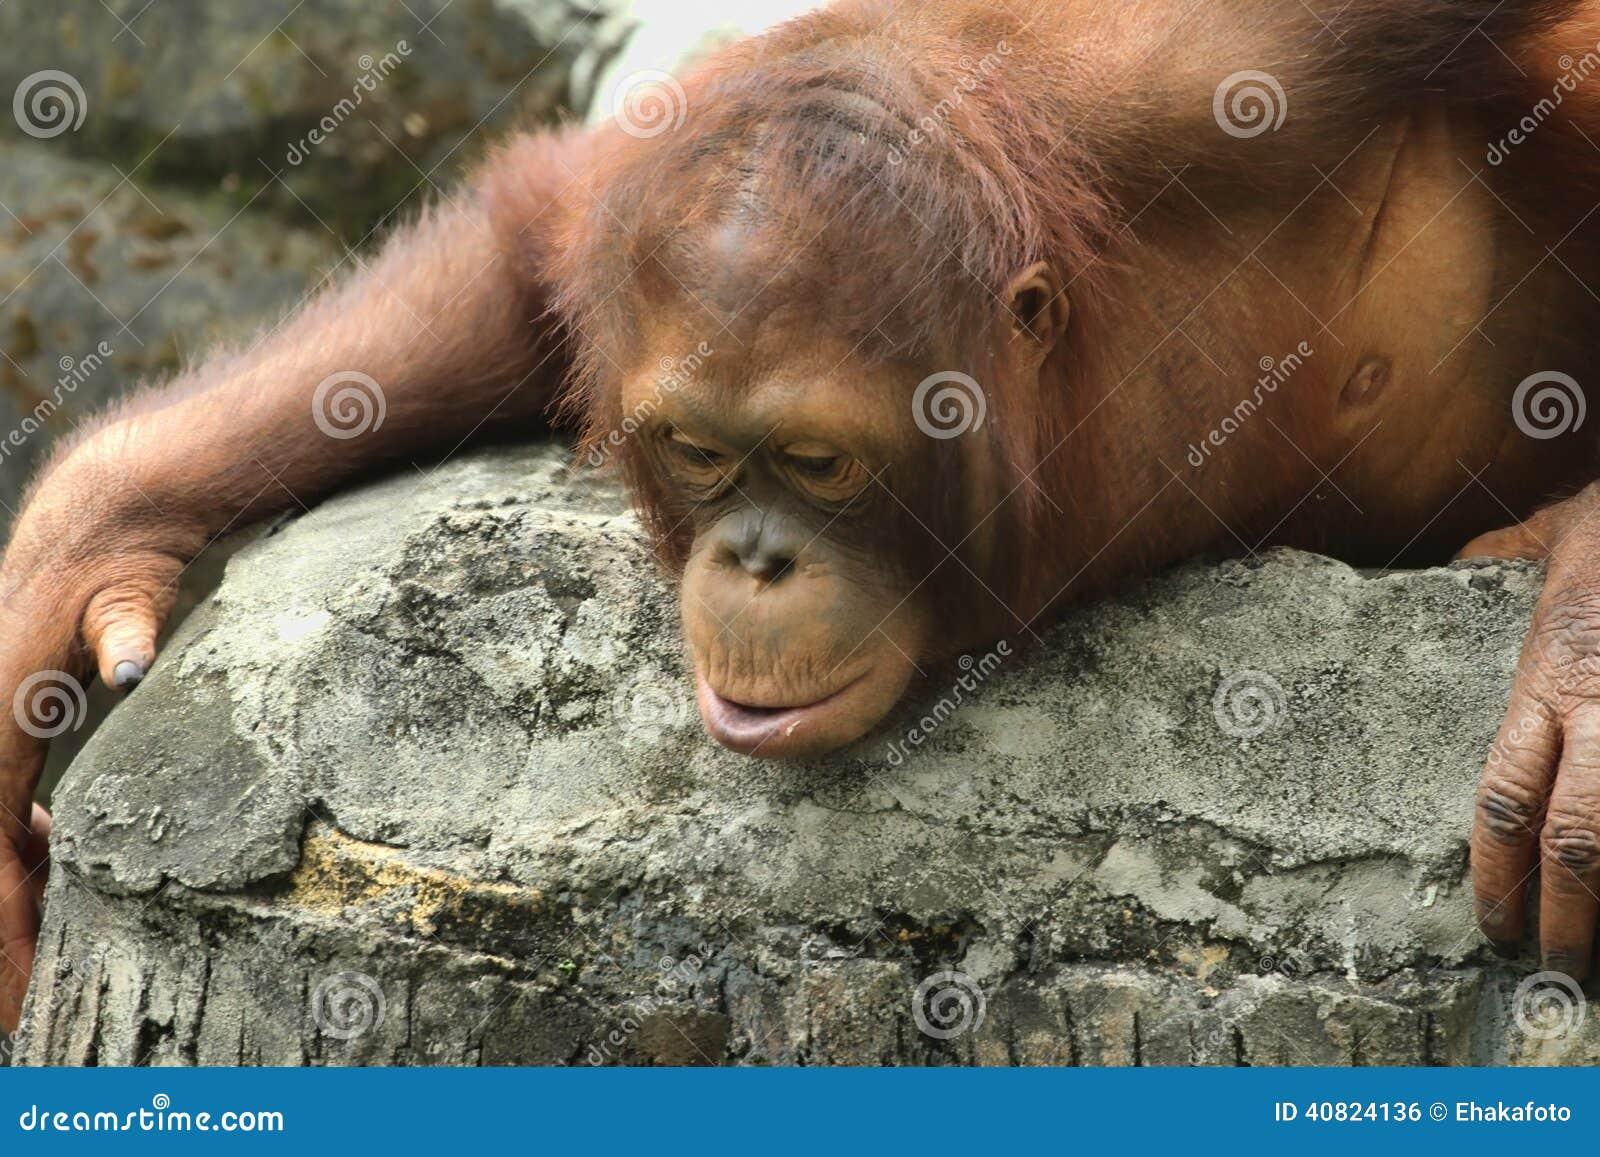 当母猩猩没有一个大肥胖团和相对地短发时 €